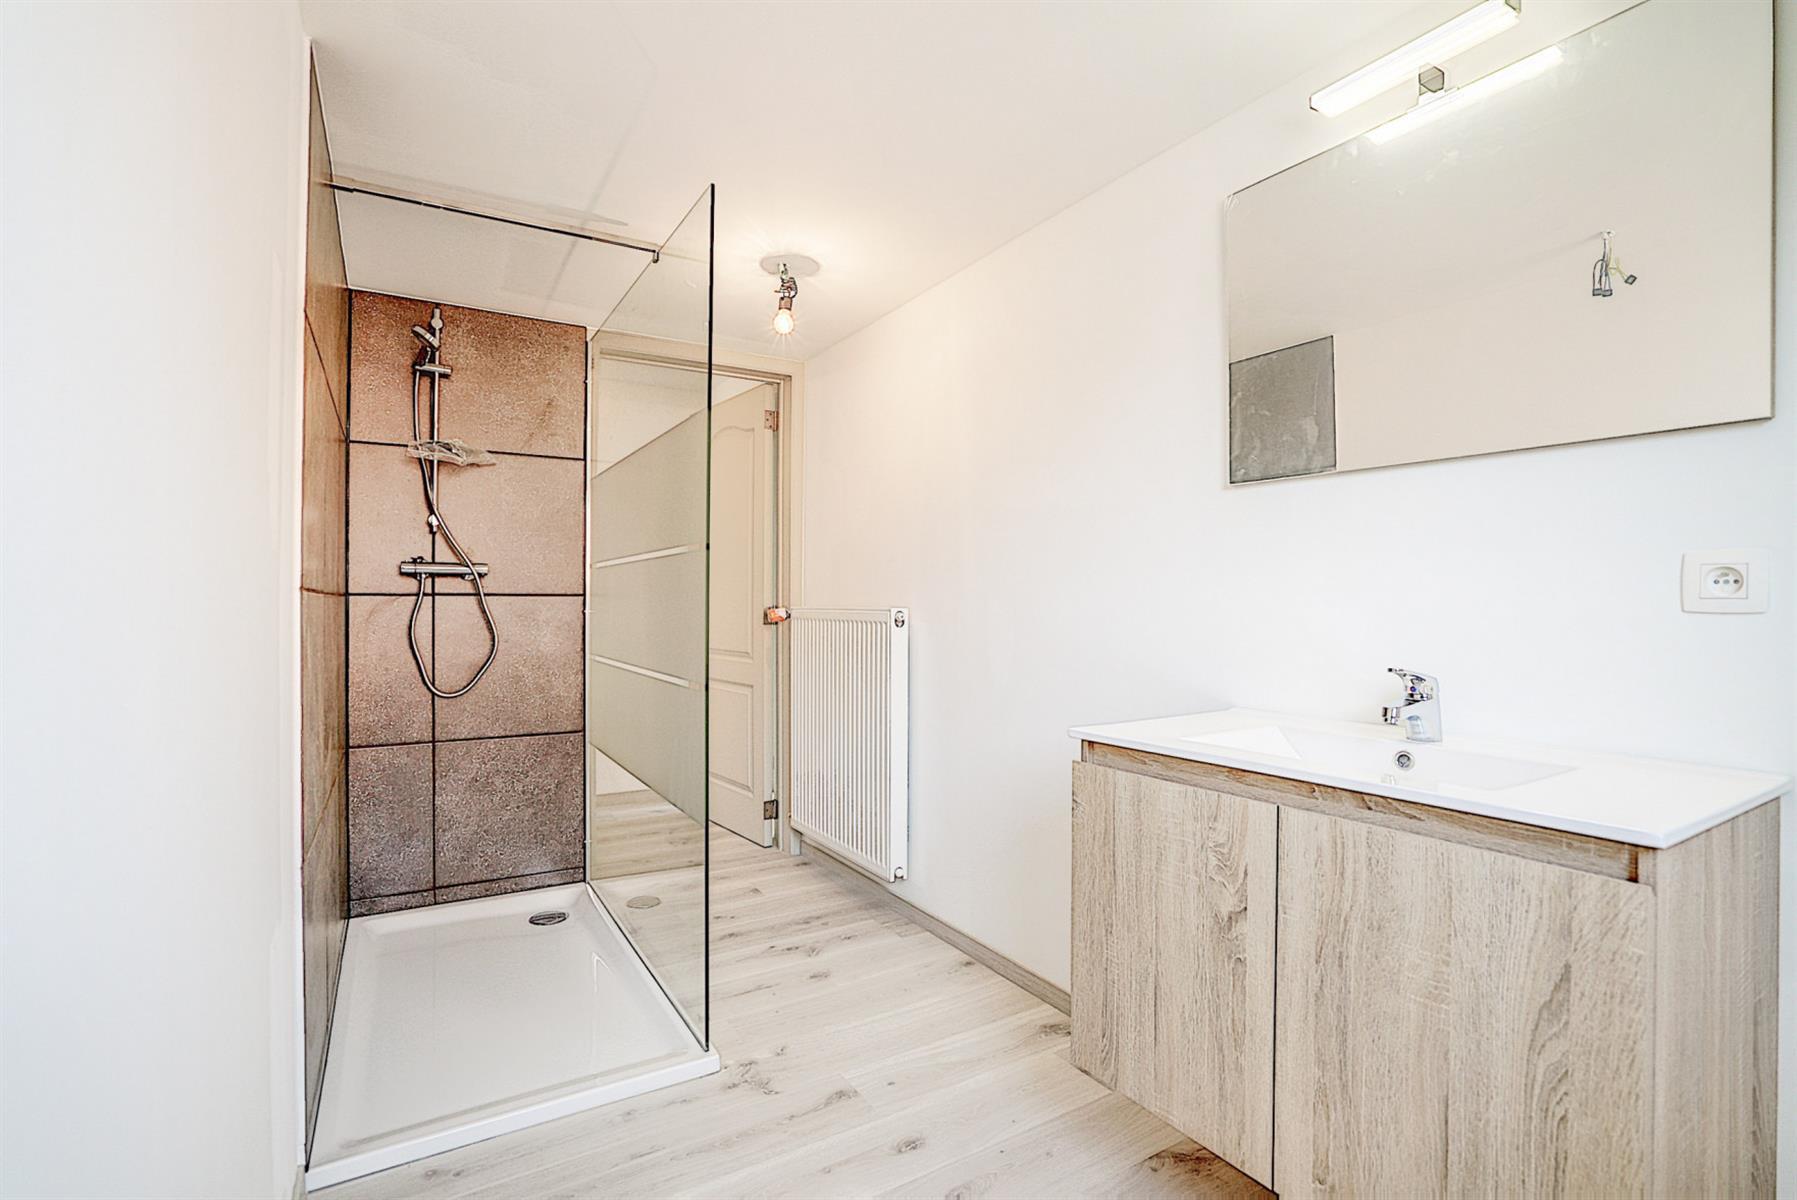 Duplex - Barvaux-sur-Ourthe - #4512637-46